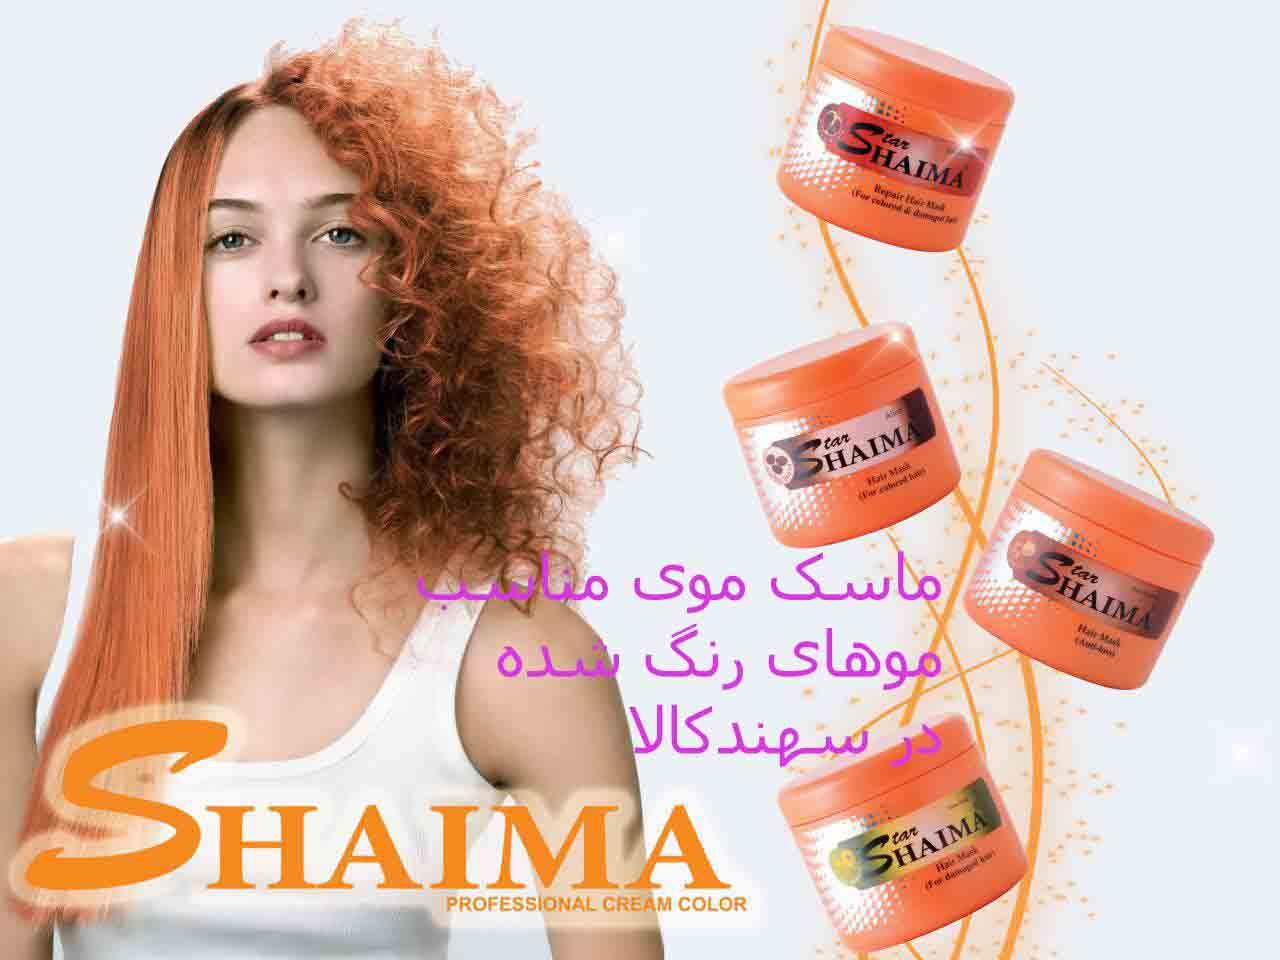 ماسک موی شایما